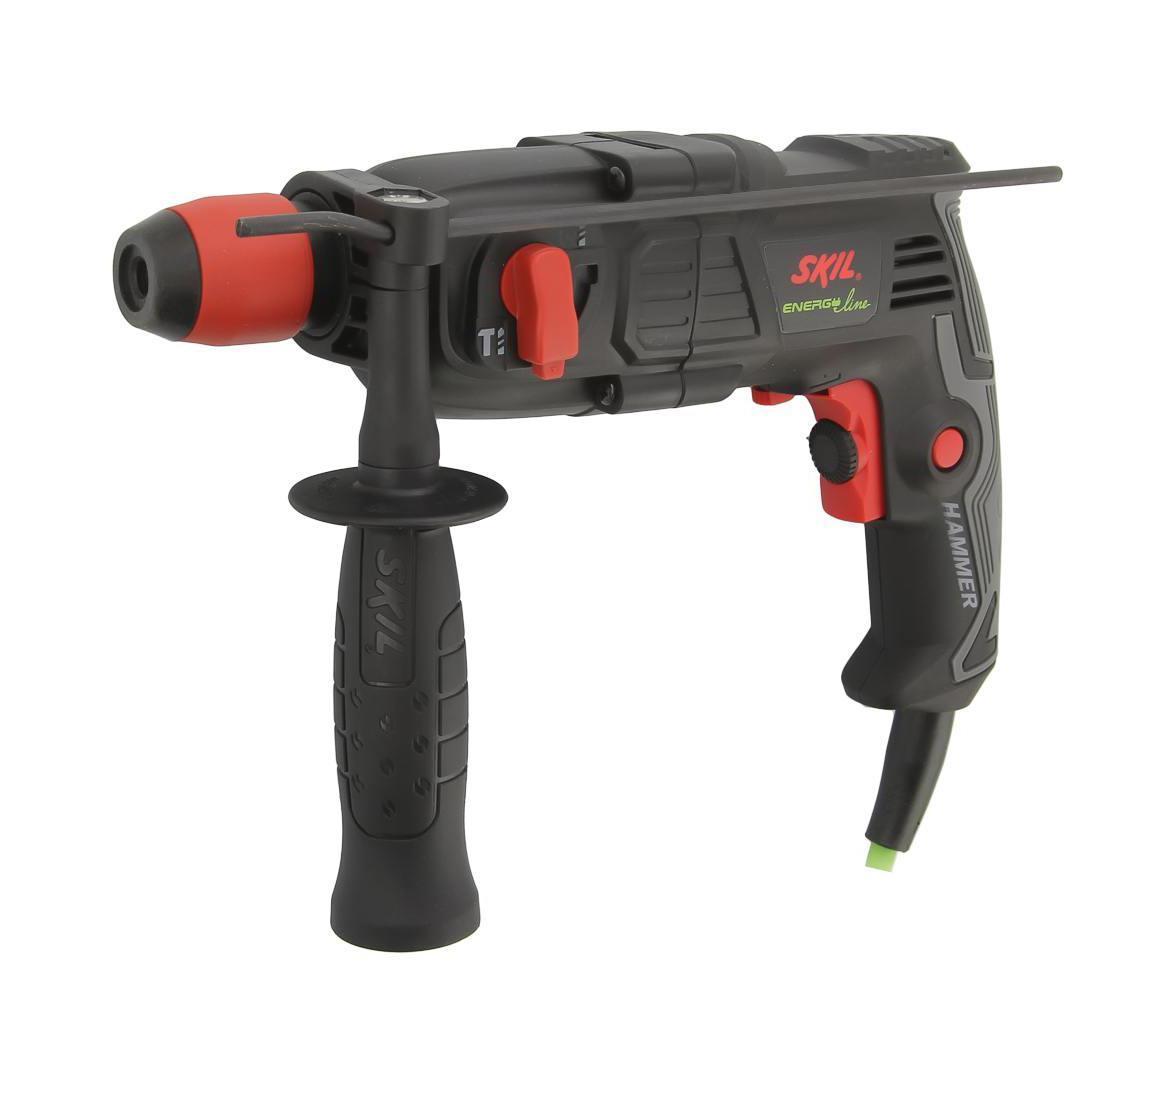 Перфоратор Skil 1734LA1734 LAДомашний помощникПроизводитель ручного инструмента Skil создал модель 1734 LA для использования как в быту, так и на производстве. Перфоратор предназначен для создания отверстий в металле, в дереве и других твердых материалах. В режиме «сверление с ударом» инструмент способен продолбить отверстие в бетоне, кирпиче, керамике. А если переключиться в режим «завинчивание» инструмент превращается в обычный шуруповерт, которым можно вкручивать саморезы.Отличная производительностьПри относительно не сложных видах работ, а также при эксплуатации инструмента на высоте вам необходим сравнительно легкий и производительный перфоратор. Именно таким является 1734 LA от производителя Skil. Весом 1.6 кг, он снабжен мощным двигателем 400 Вт и длинным сетевым кабелем 1.6 м. Модель имеет функцию удара с энергией 1 Дж, частотой 6600 уд/мин., что делает его отличным «убийцей» бетона и кирпича.Долбить или сверлитьСамым популярным режимом большинства перфораторов является режим «сверления с ударом», при котором рабочая оснастка получает одновременно оборотные и поступательные движения, таким образом делая отверстие в твердых материалах.SDS-патронУниверсальный патрон SDS-Plus позволяет закрепить зубило (и другие насадки) в разных положениях и обеспечивает удобную работу в труднодоступных местах.Диаметры сверленияДля надежной долговечной работы инструмента всегда необходимо знать максимальные рекомендуемые диаметры сверления определенных типов материалов, для 1734 LA это: по дереву – 20 мм, по металлу – 10 мм, по бетону (кирпичу) – 12 мм.Полезные мелочиВ Skil 1734 LA предусмотрен ряд дополнительных конструктивных решений для более удобной эксплуатации: ограничитель глубины, дополнительная рукоятка, реверс, регулировка частоты вращения, блокировка кнопки включения.